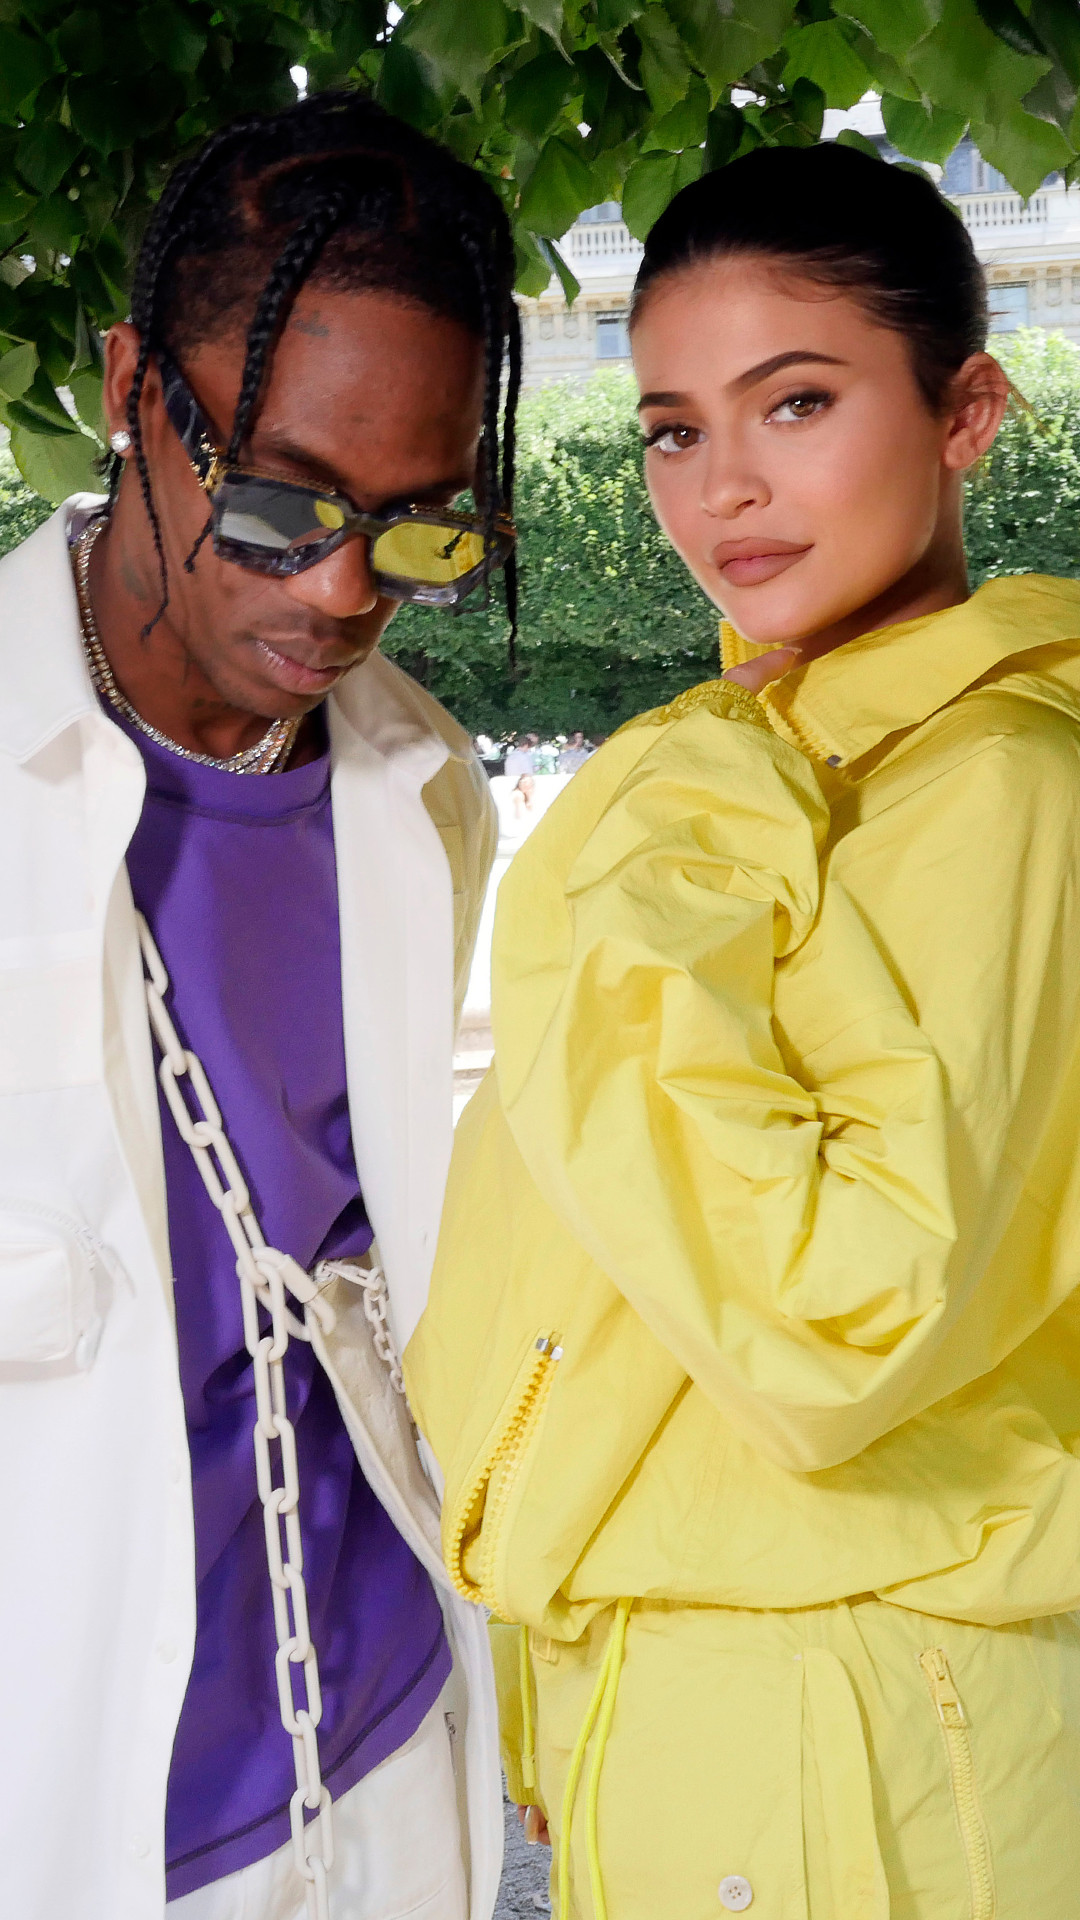 ESC: Travis Scott, Kylie Jenner